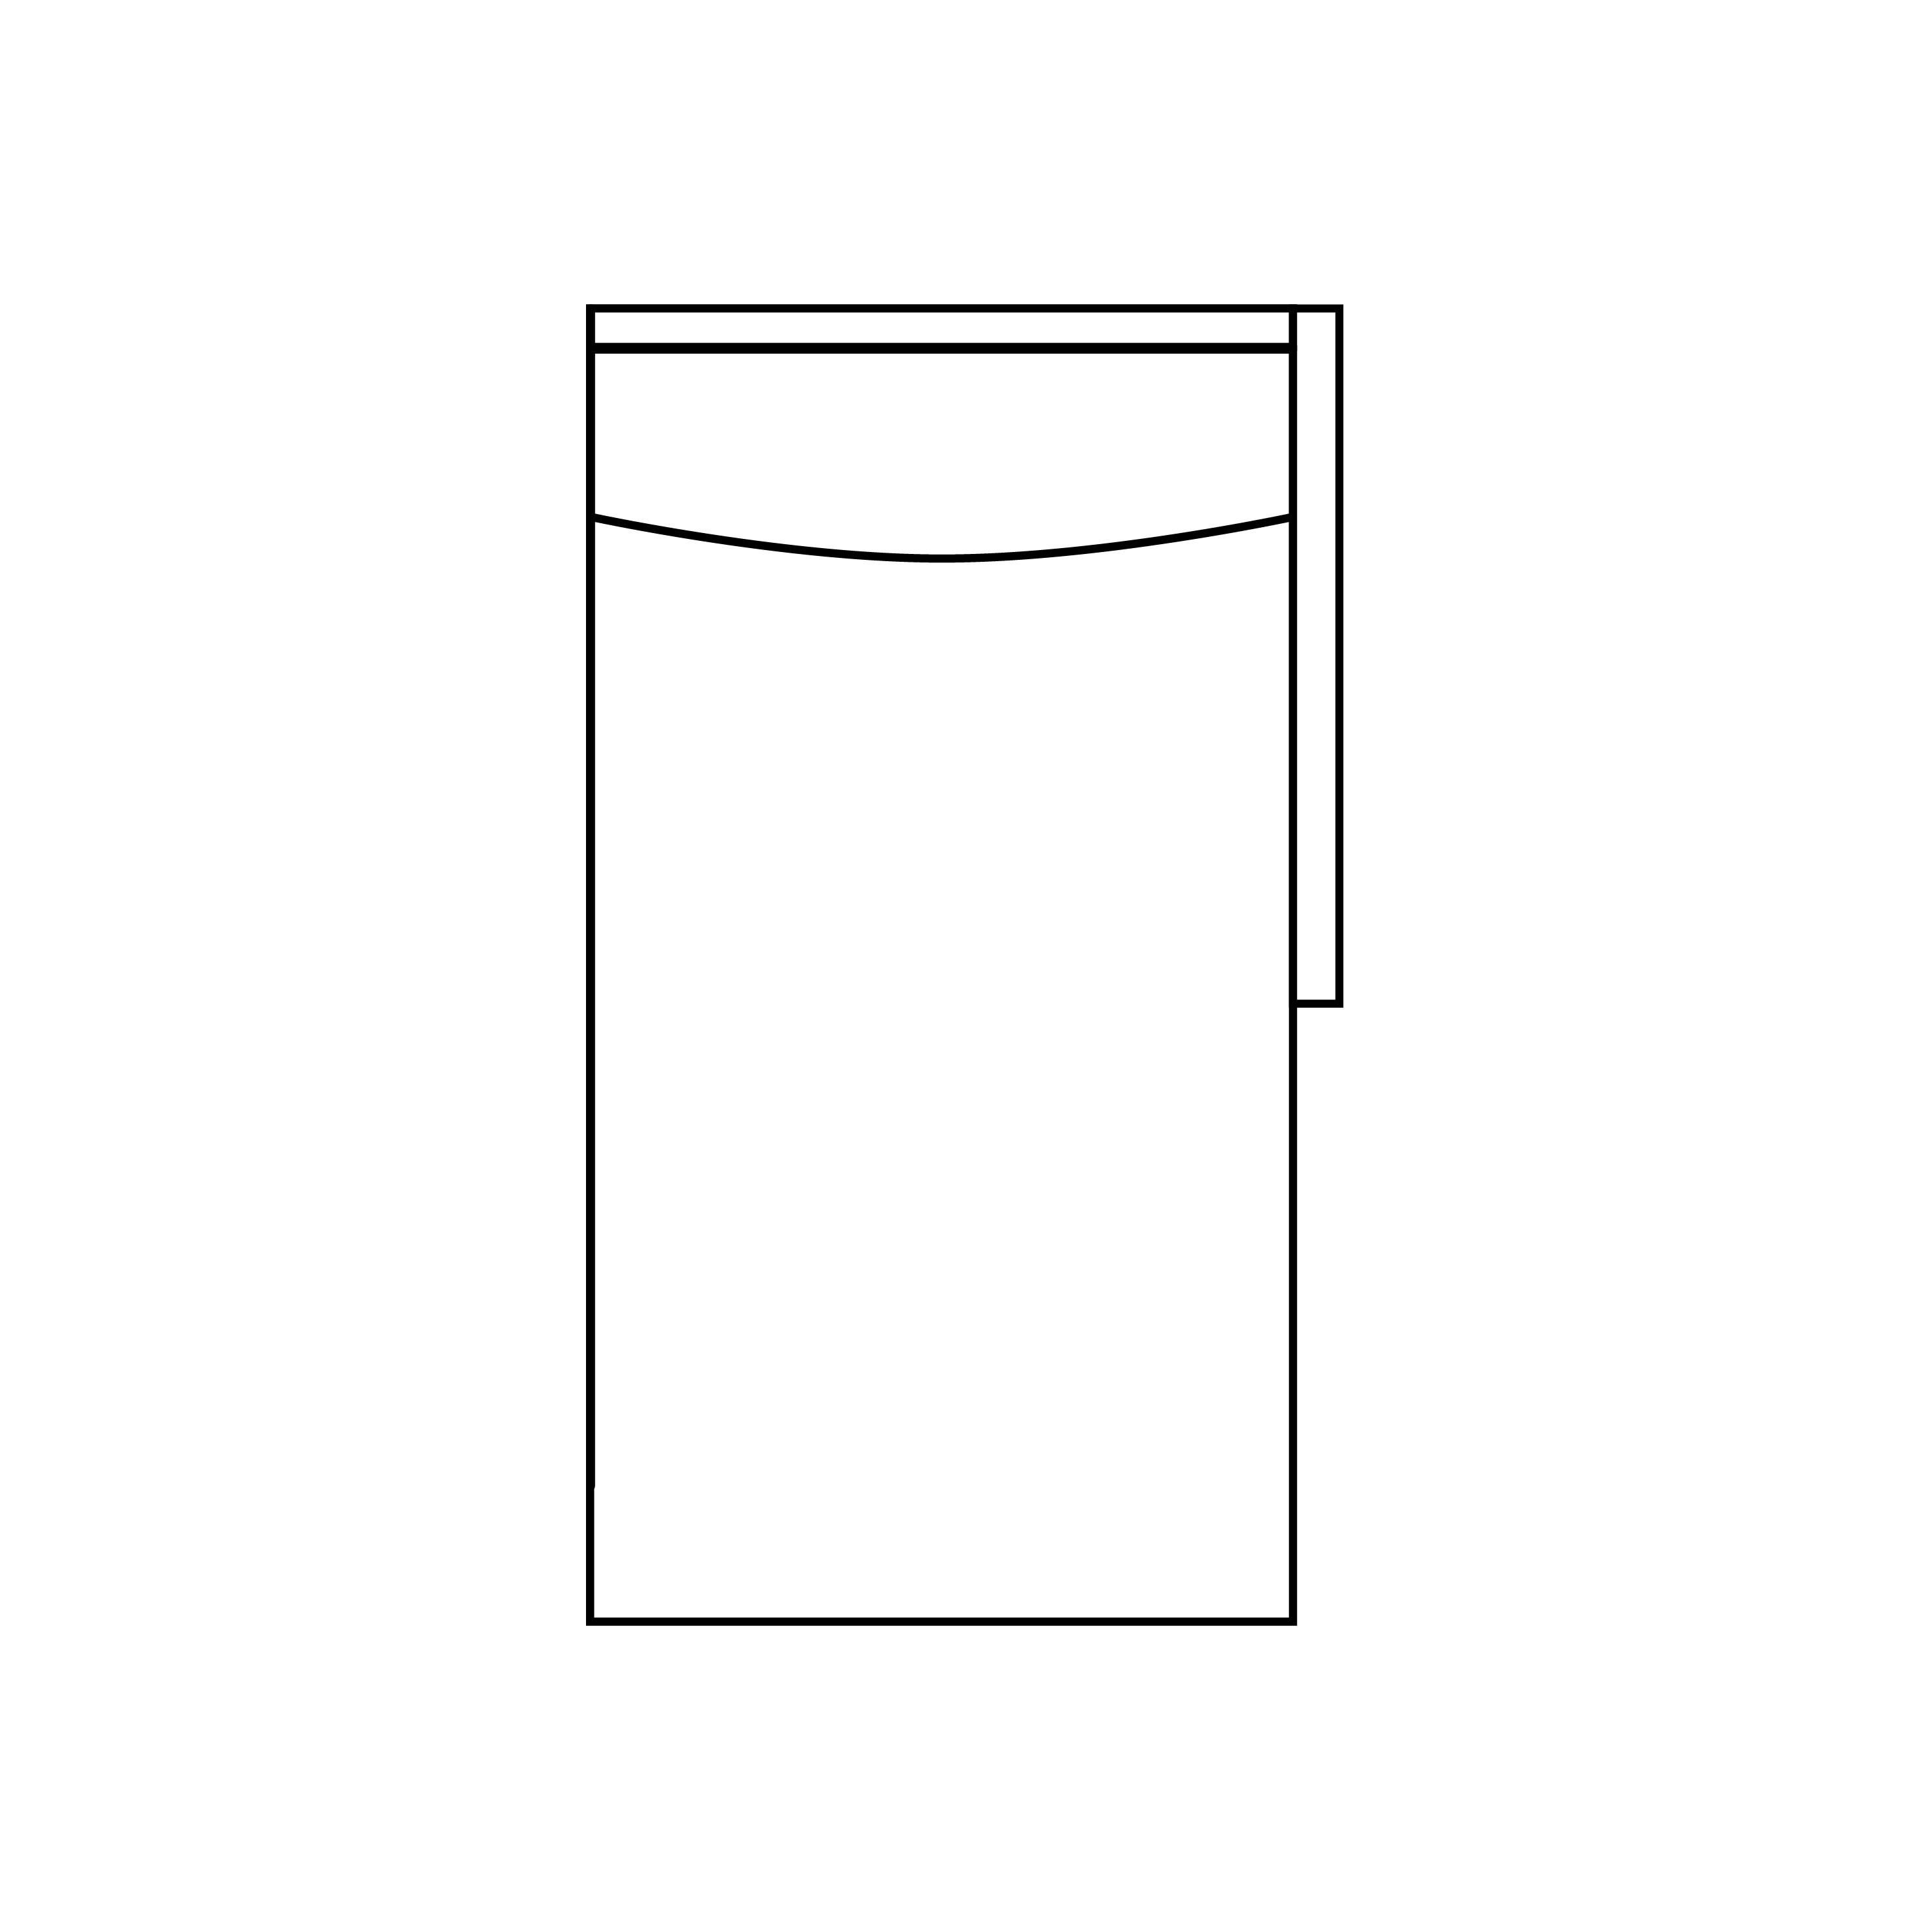 Somerville modulsoffa divan höger ritning - englesson.se